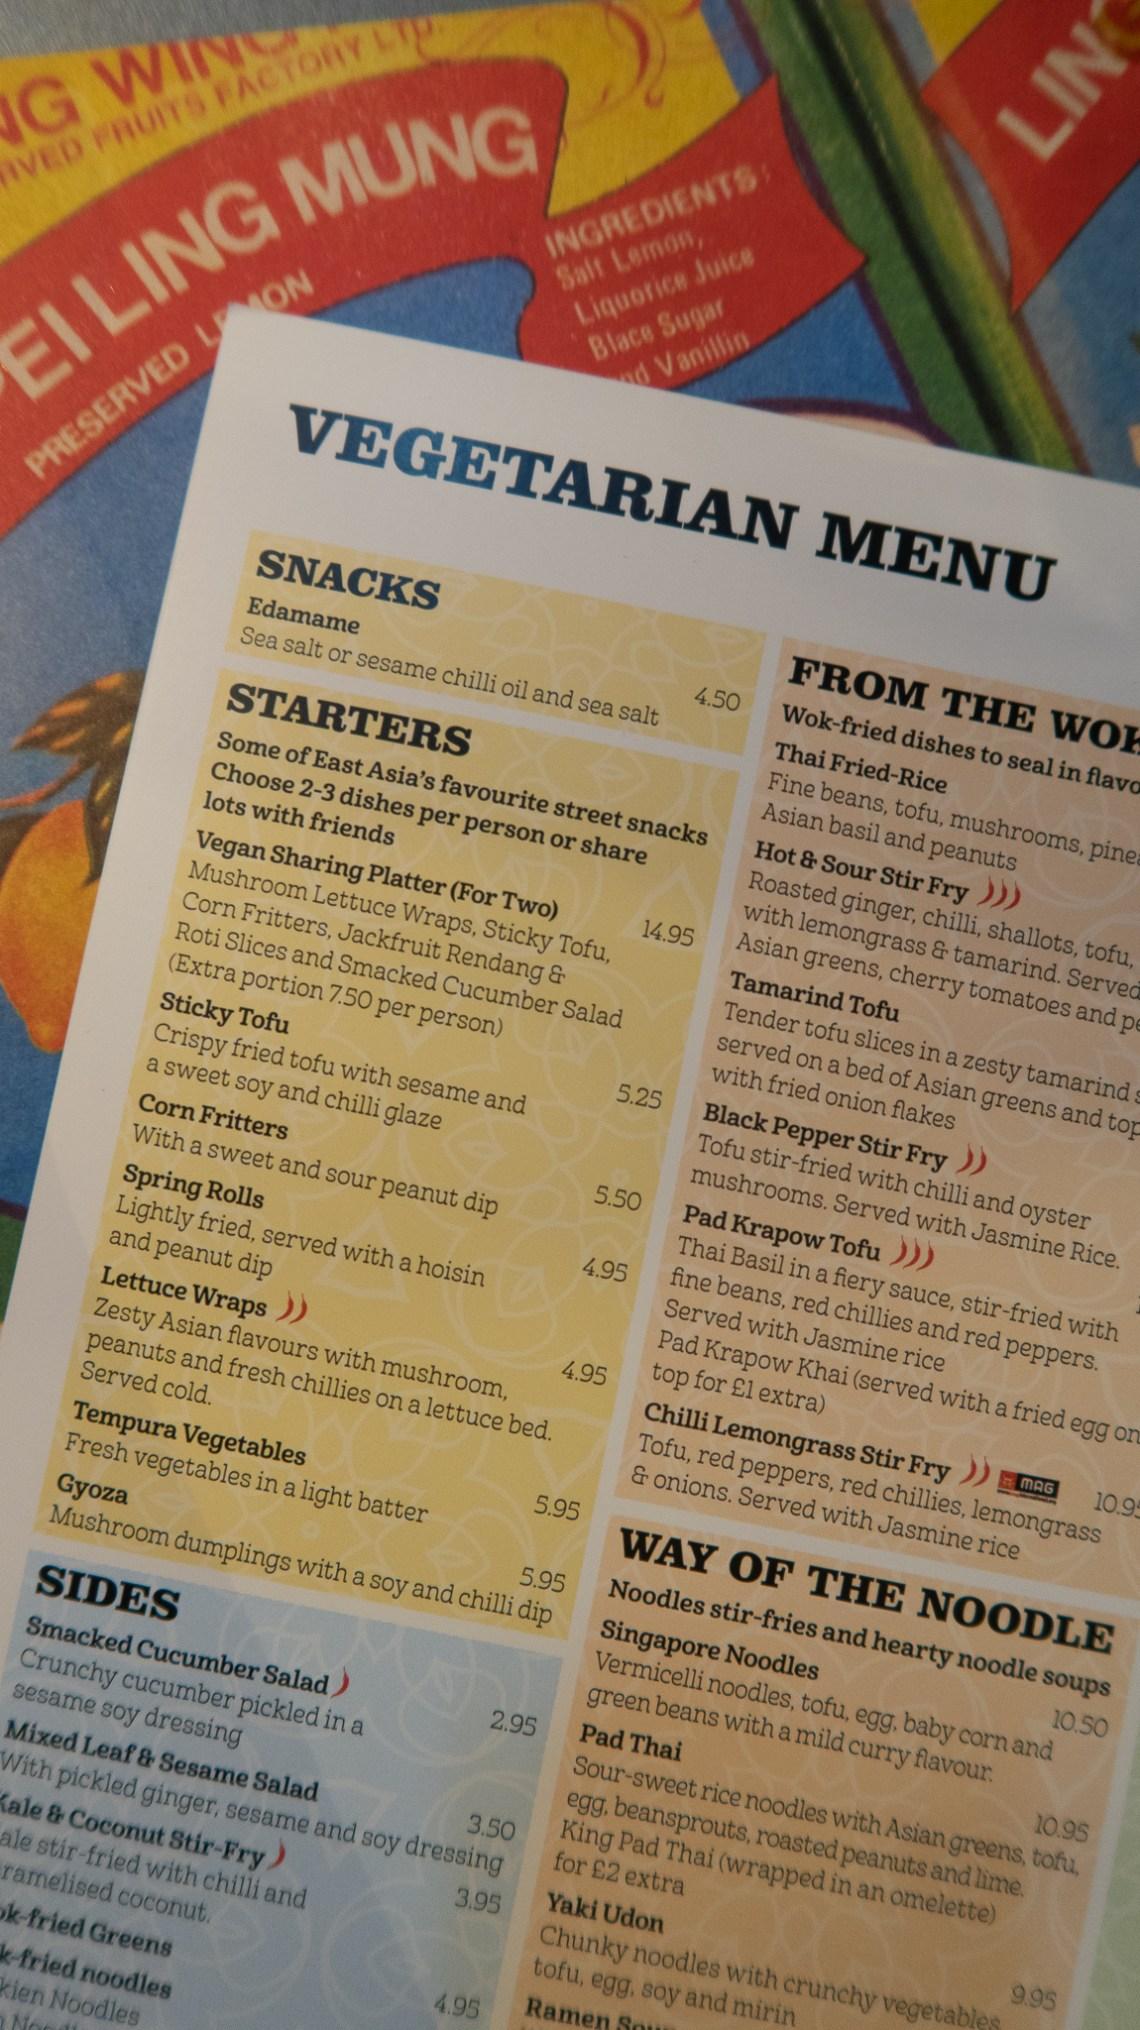 Tampopo vegetarian menu